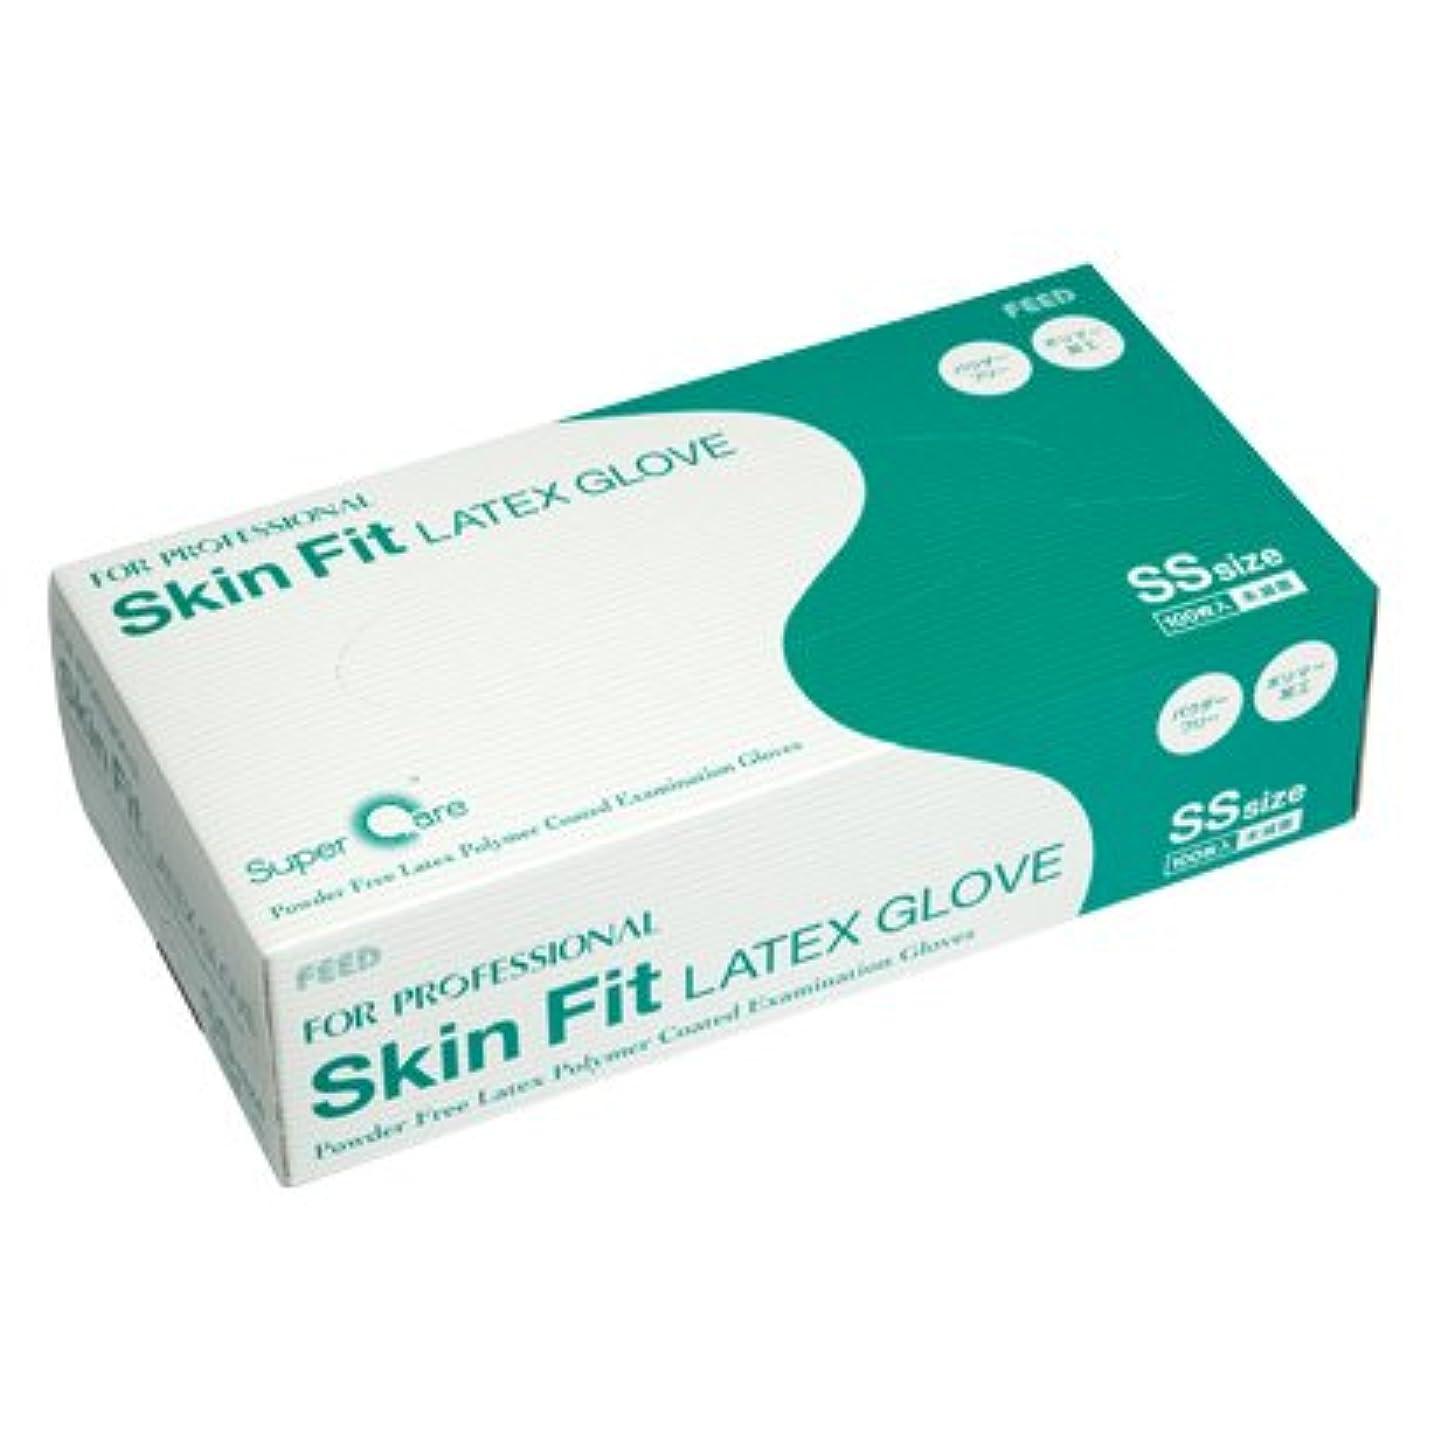 剪断減る取得FEED(フィード) Skin Fit ラテックスグローブ パウダーフリー ポリマー加工 SS カートン(10ケース) (医療機器)